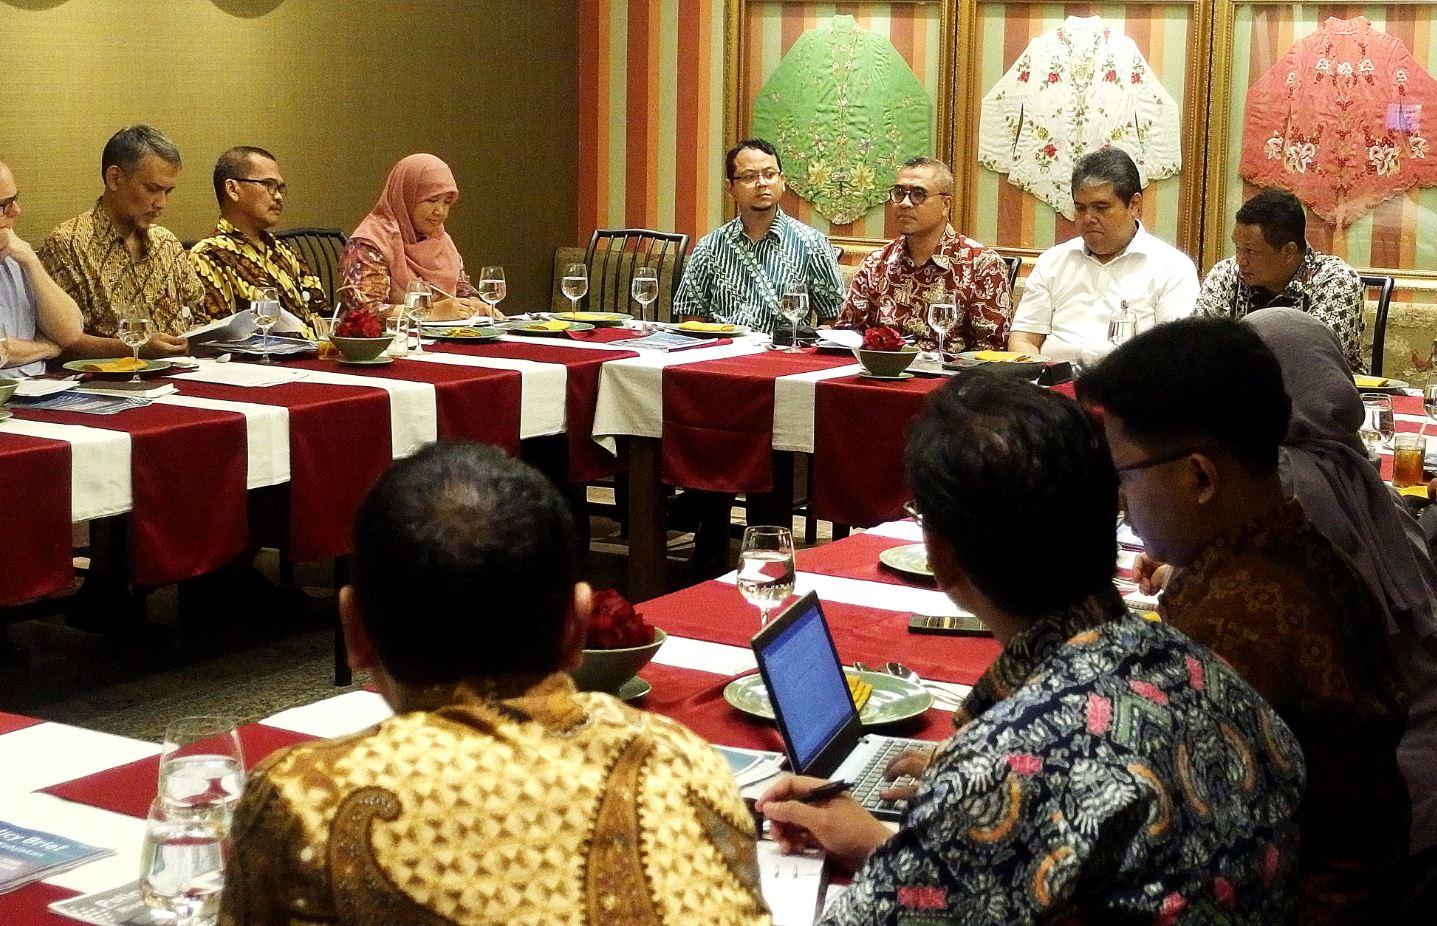 Forum Diskusi tentang Implementasi Reformasi Birokrasi dengan Perhatian Khusus pada Pendidikan Tinggi dan Pembentukan 'Satuan Tugas' untuk Reformasi Pendidikan Tinggi